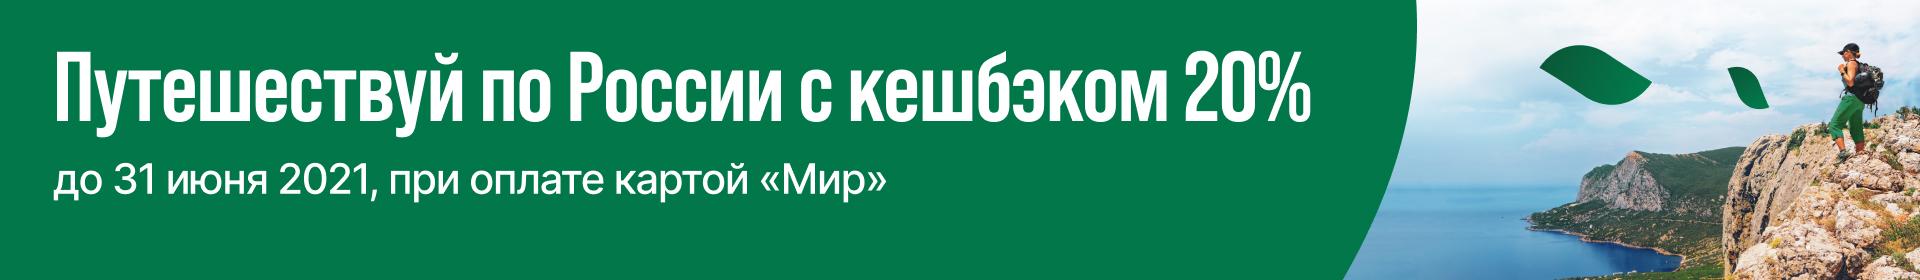 Отдыхайте в России и получайте кешбэк 20%